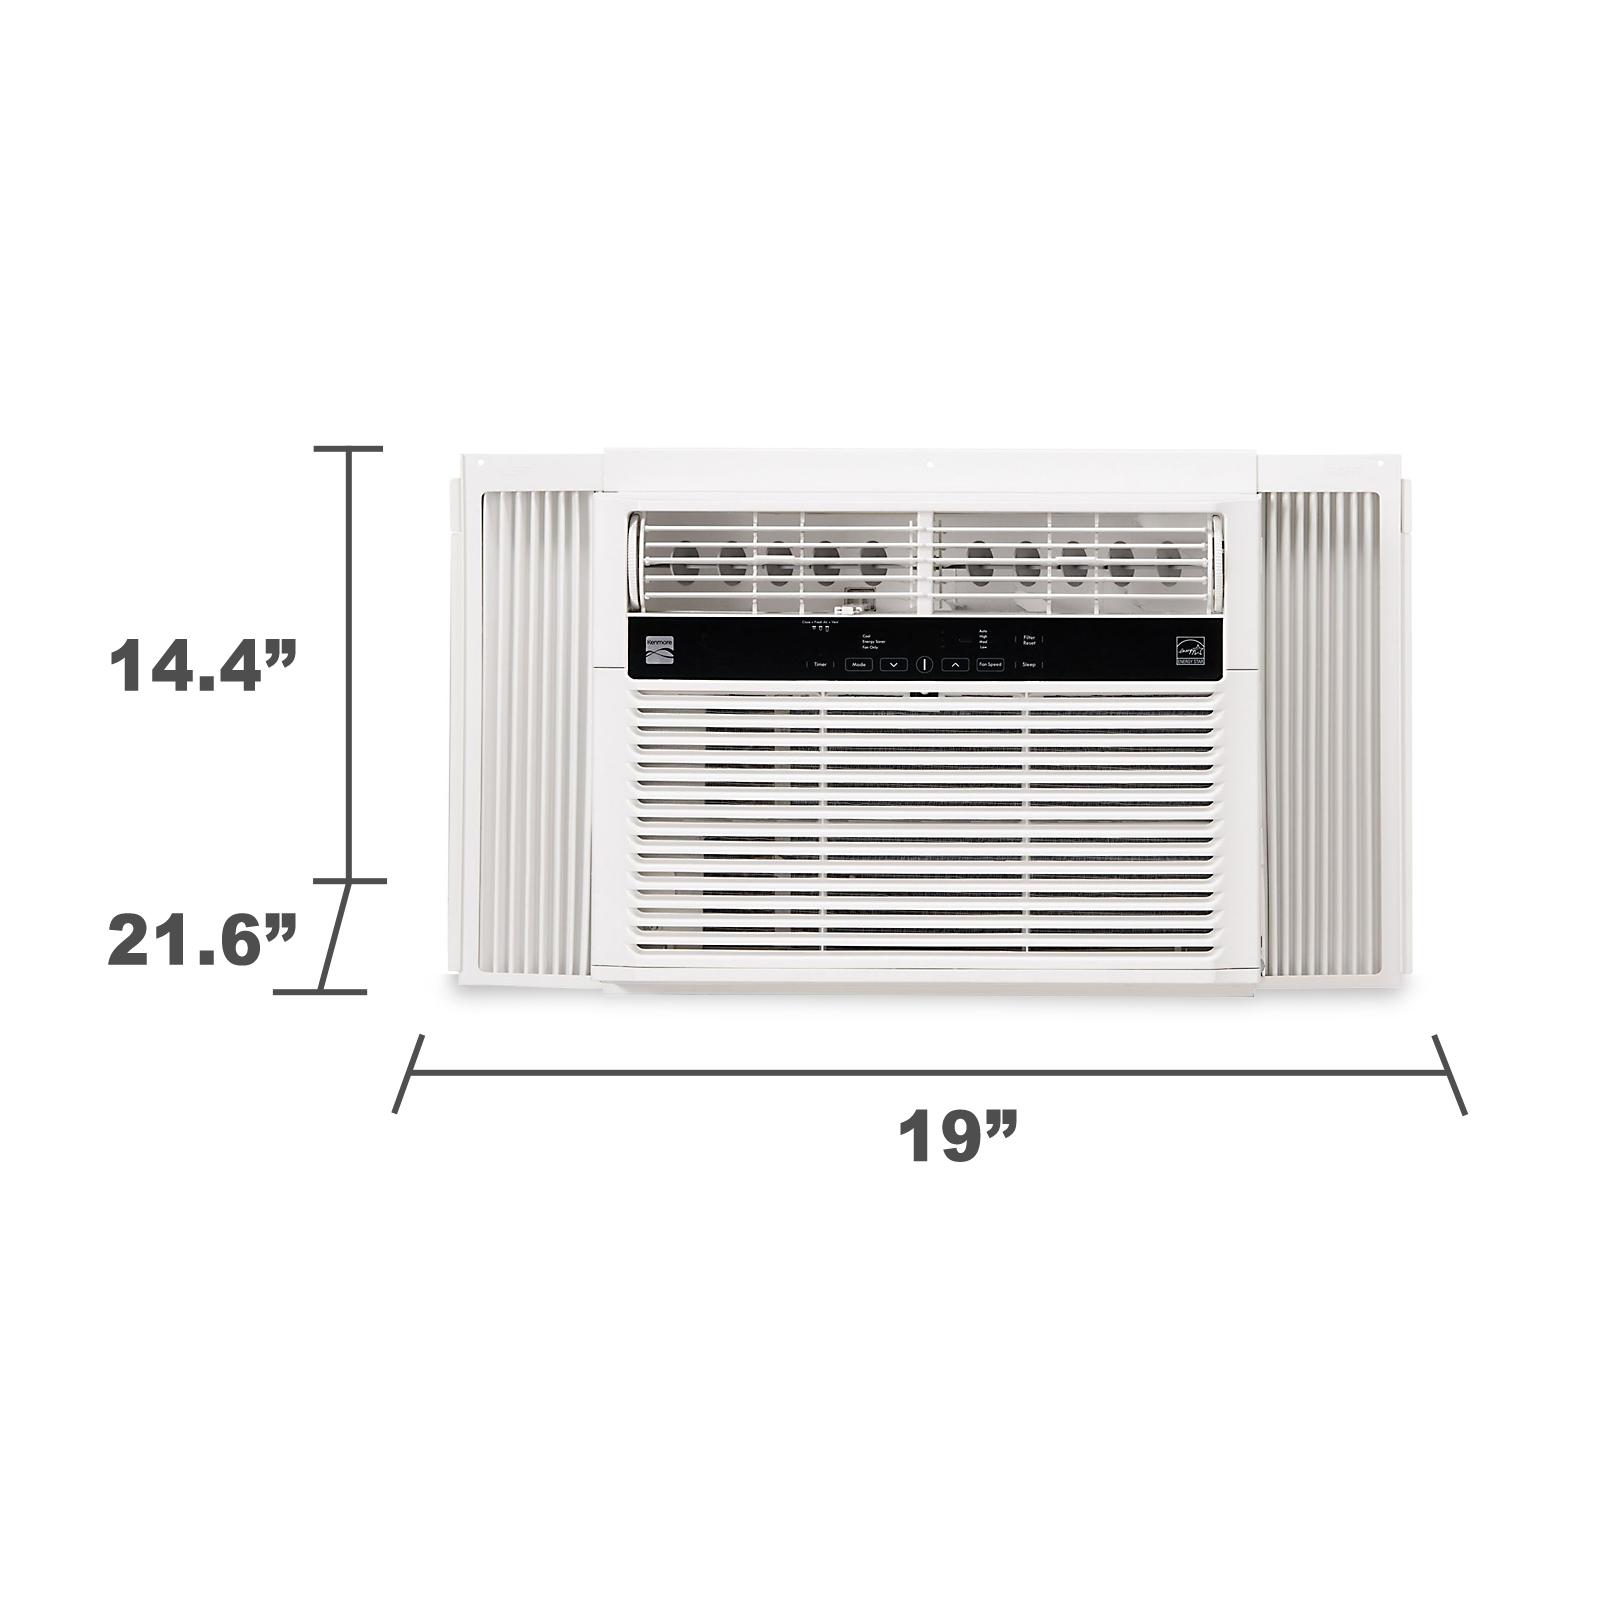 Kenmore 12 000 BTU Multi-Room Air Conditioner